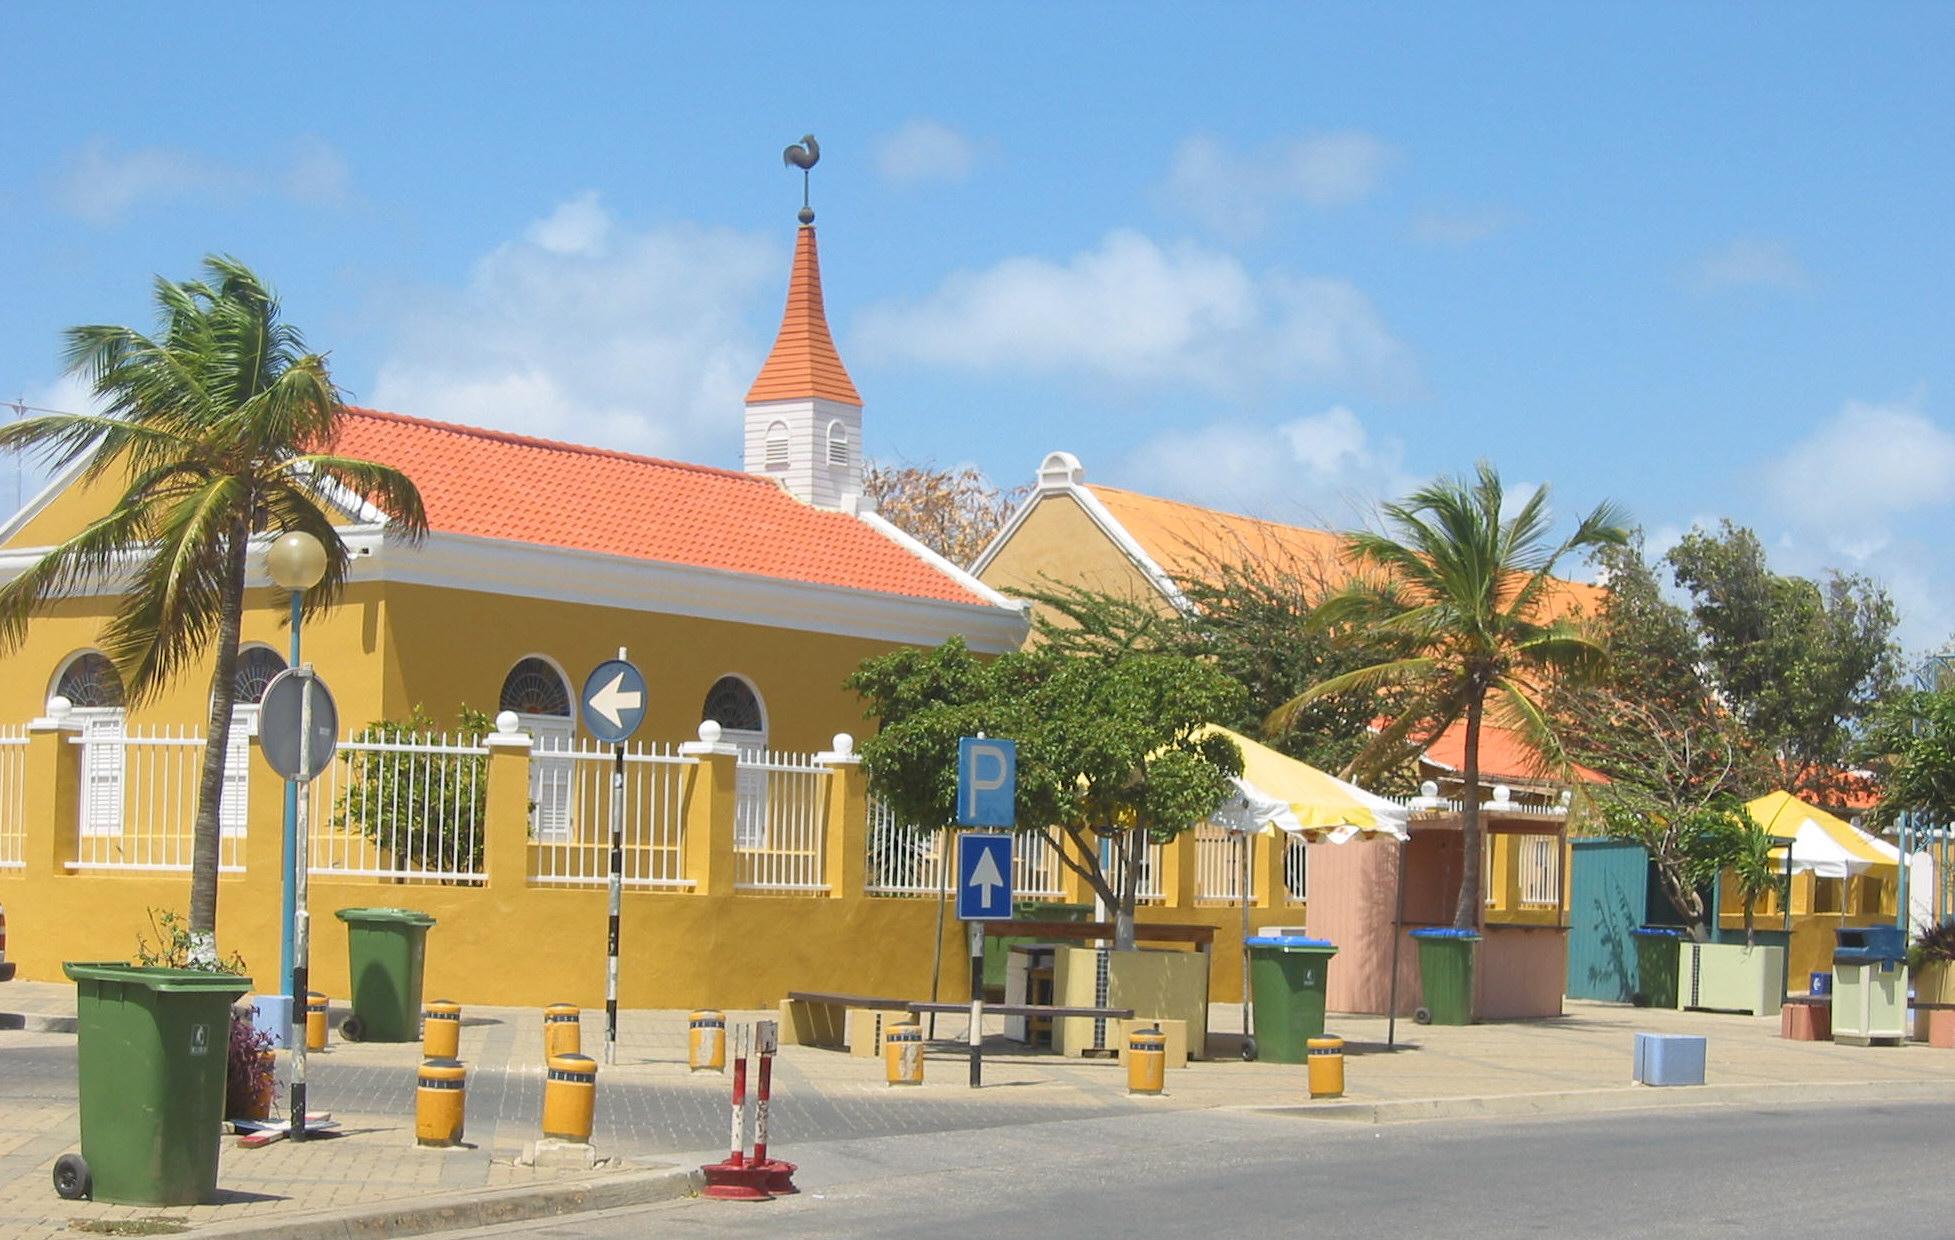 View of Kralendijk, Bonaire